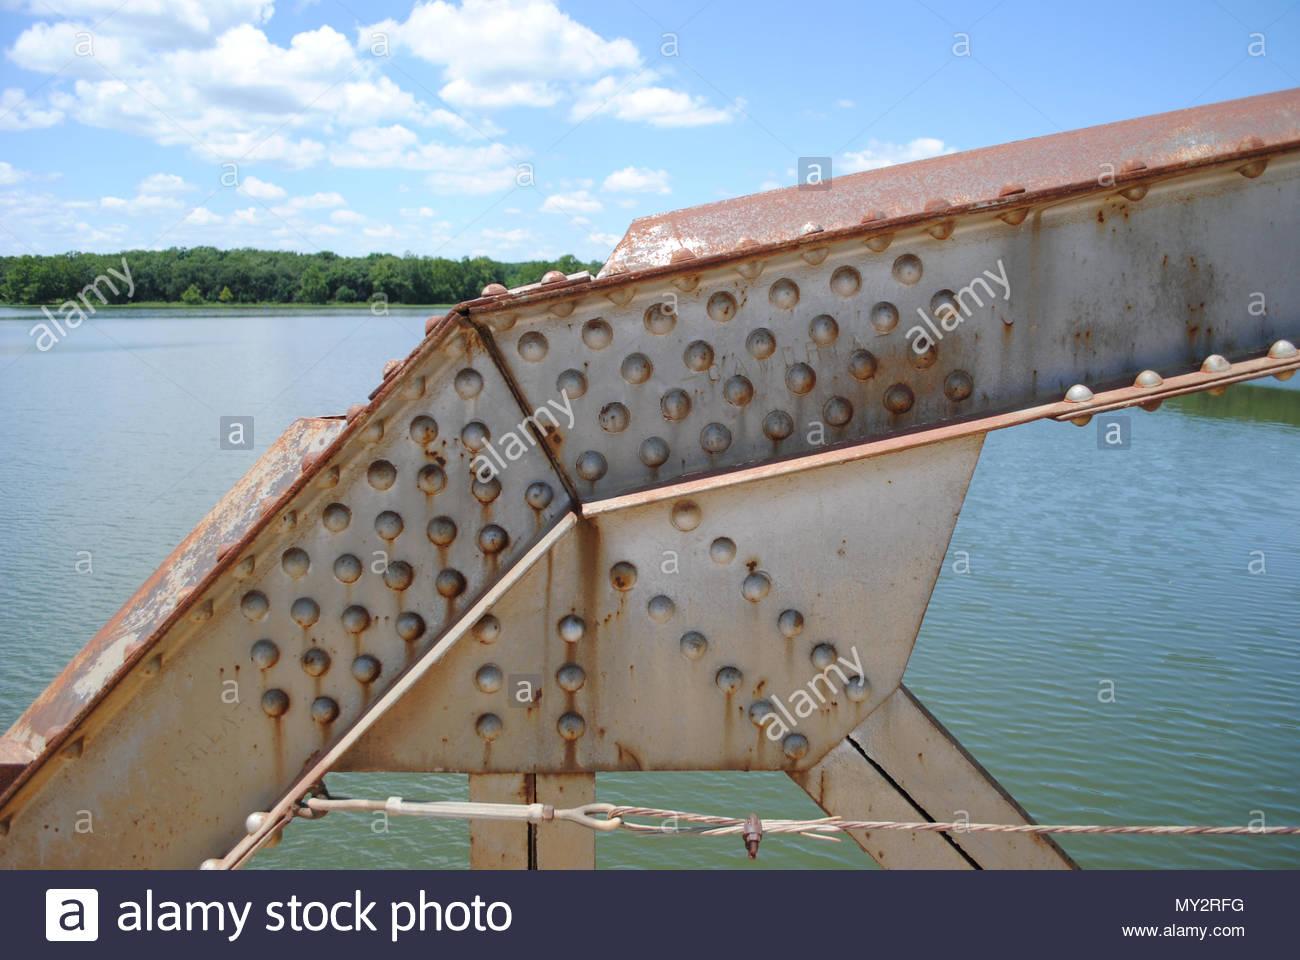 Versteifungsplatte auf der Brücke. Brücke Versteifungsplatte. Genieteten Versteifungsplatte auf Stahl Räumerbrücke in Kansas. Nieten, Nietköpfe, Versteifungsplatte, ich Balken. Rost Stockbild